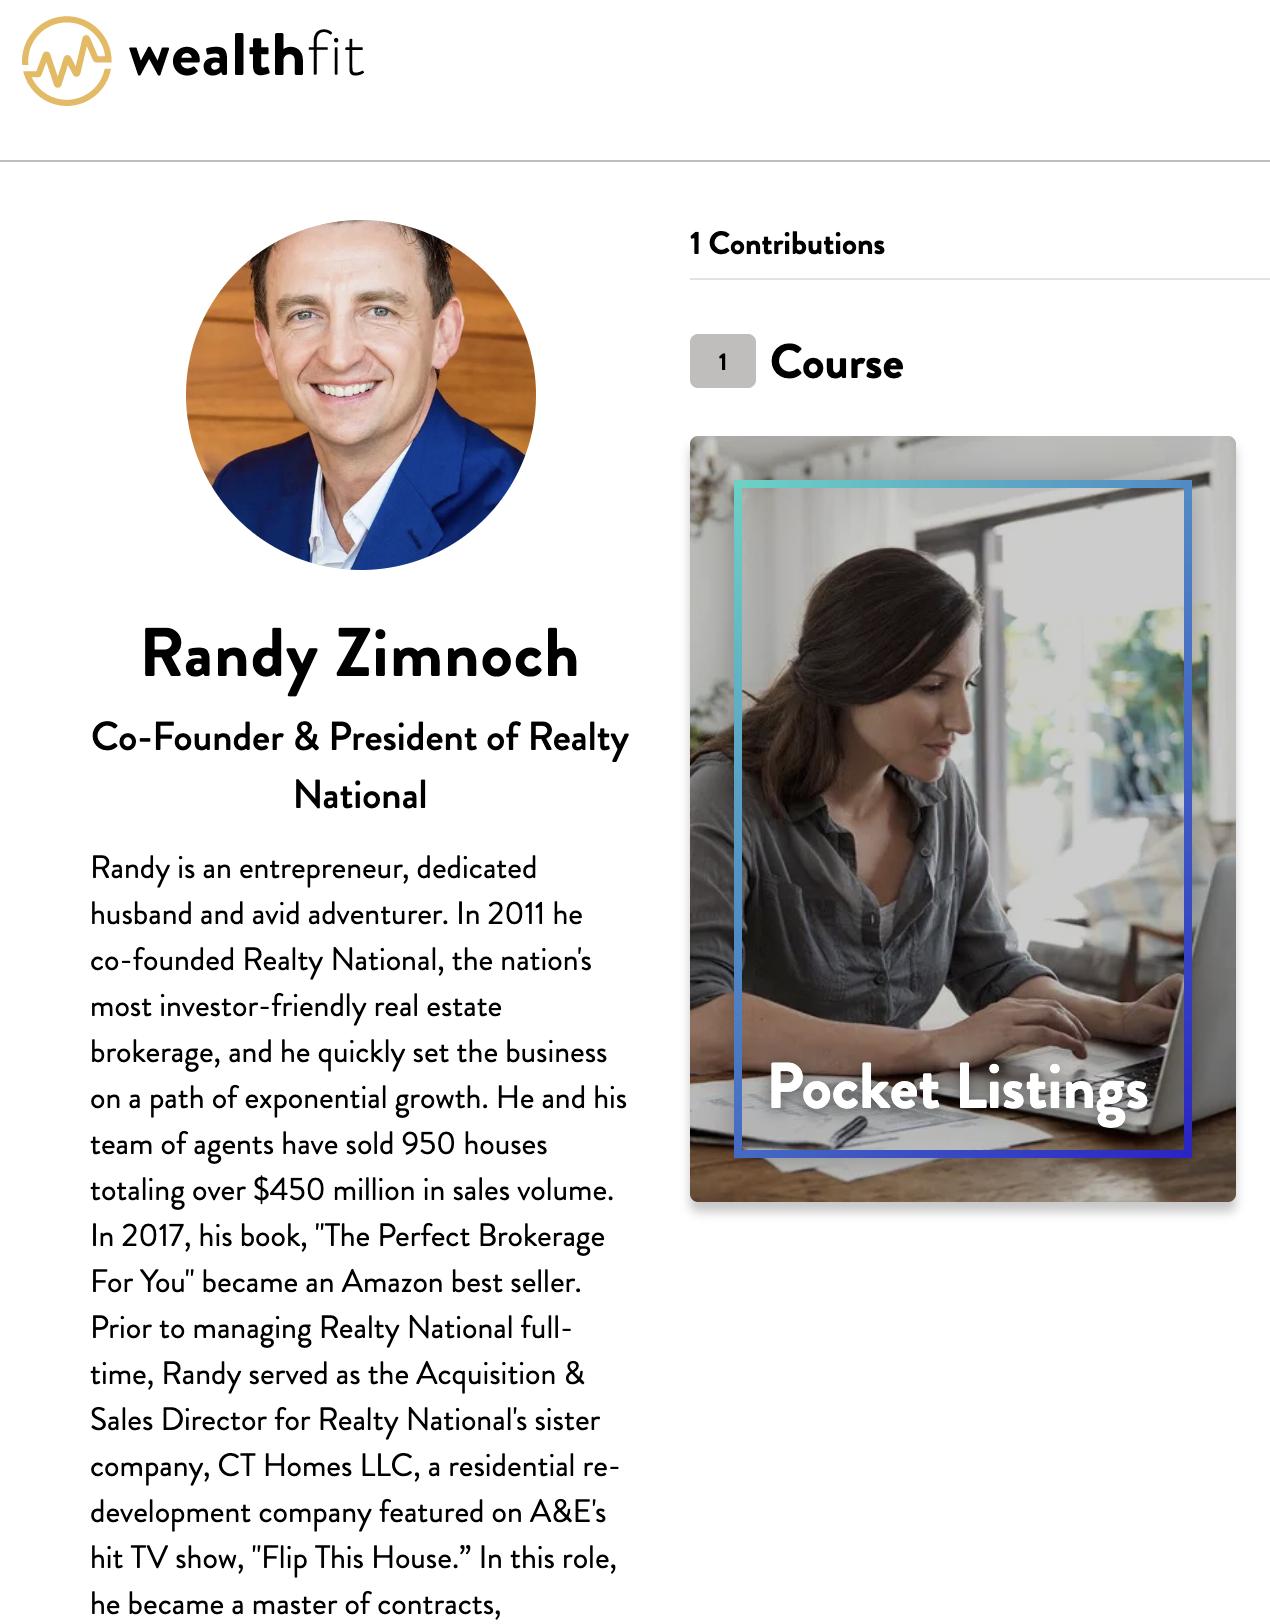 Randy Zimnoch on Wealth Fit.png